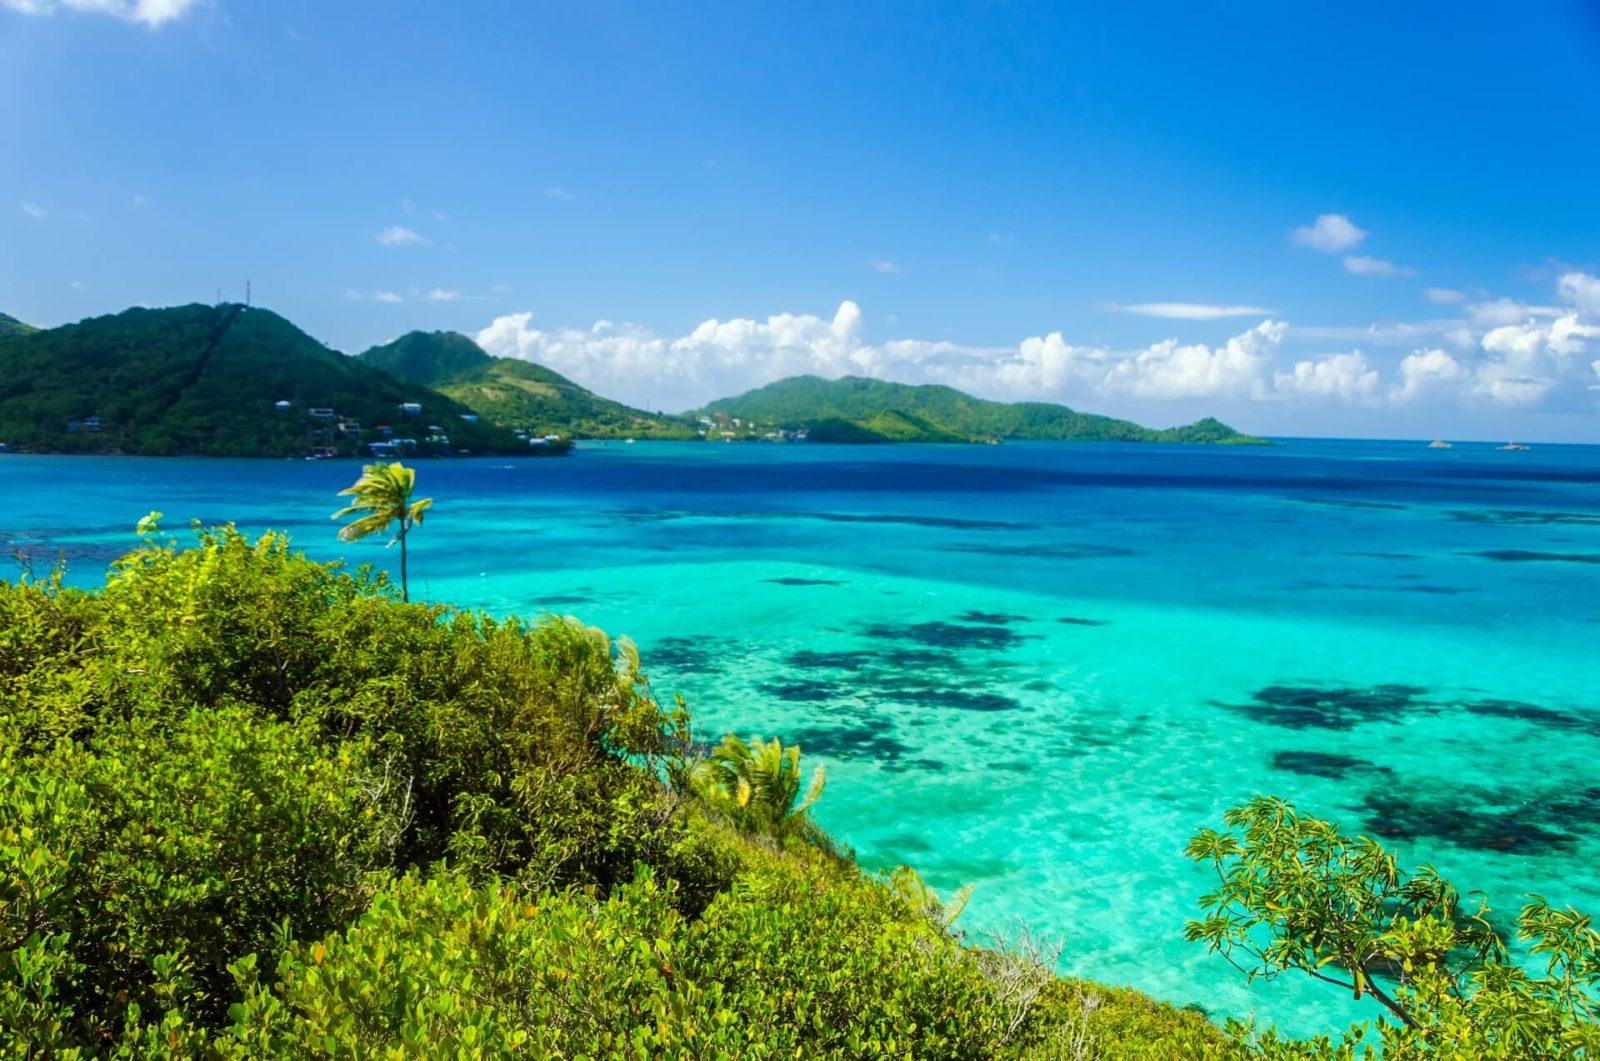 Остров с лазурным побережьем